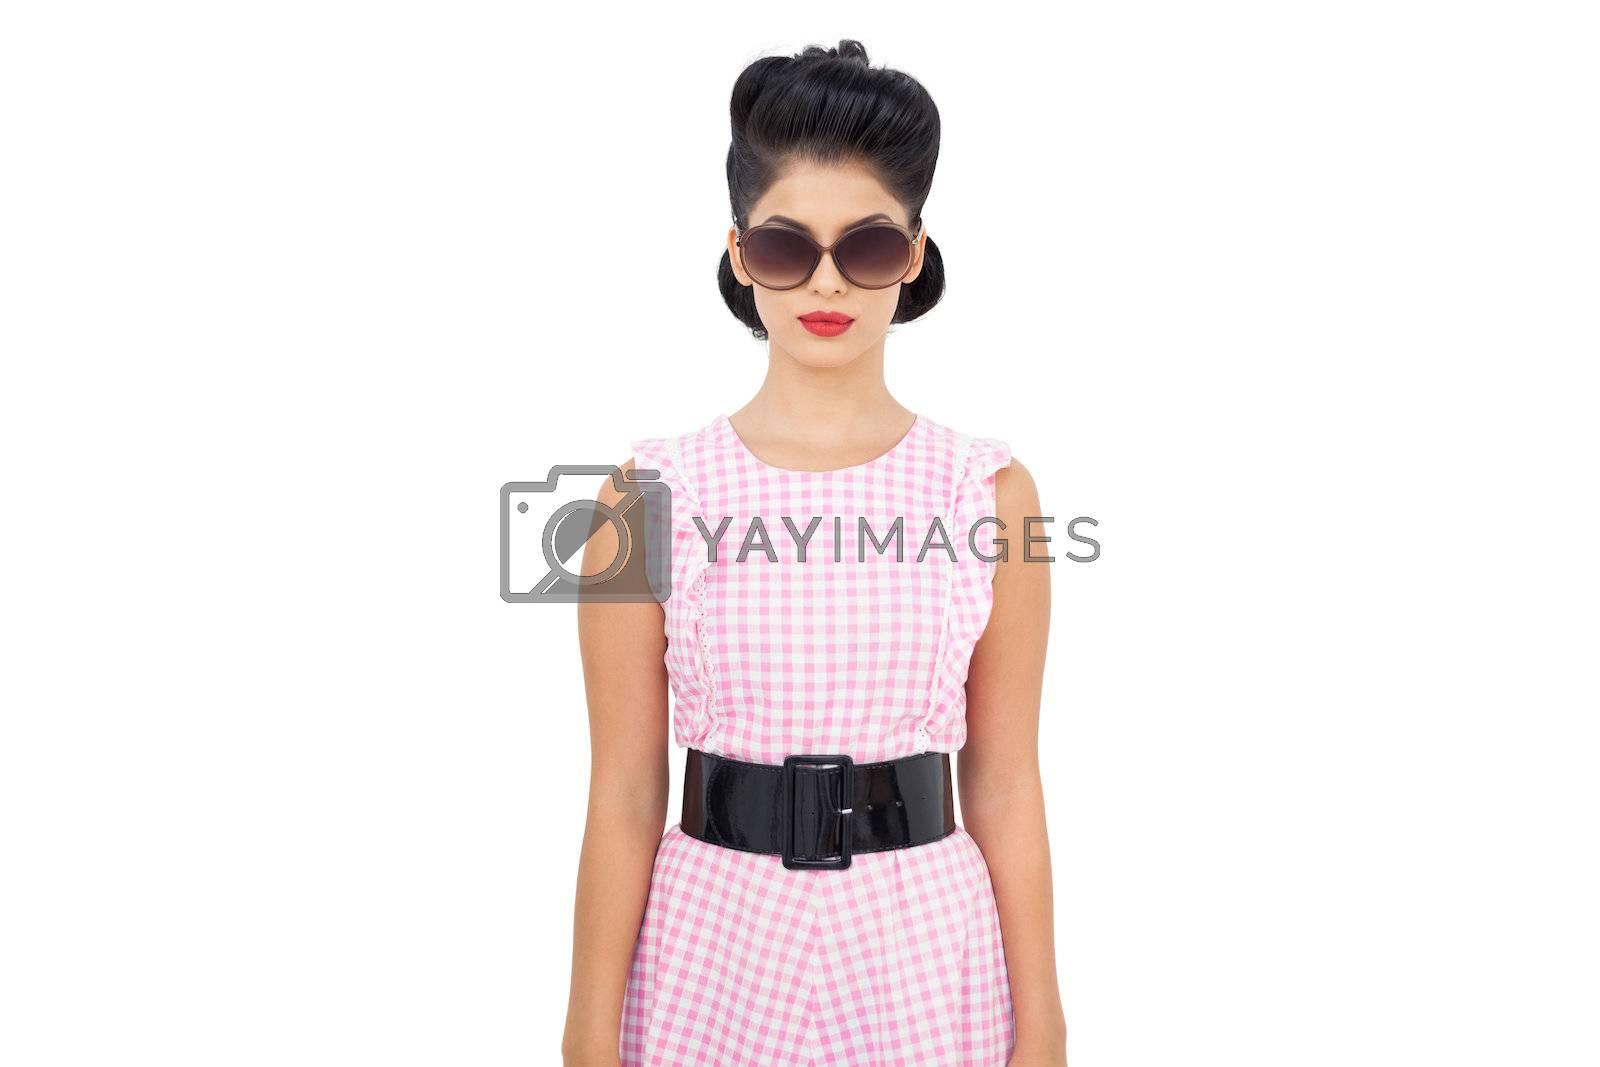 Serious black hair model wearing sunglasses by Wavebreakmedia